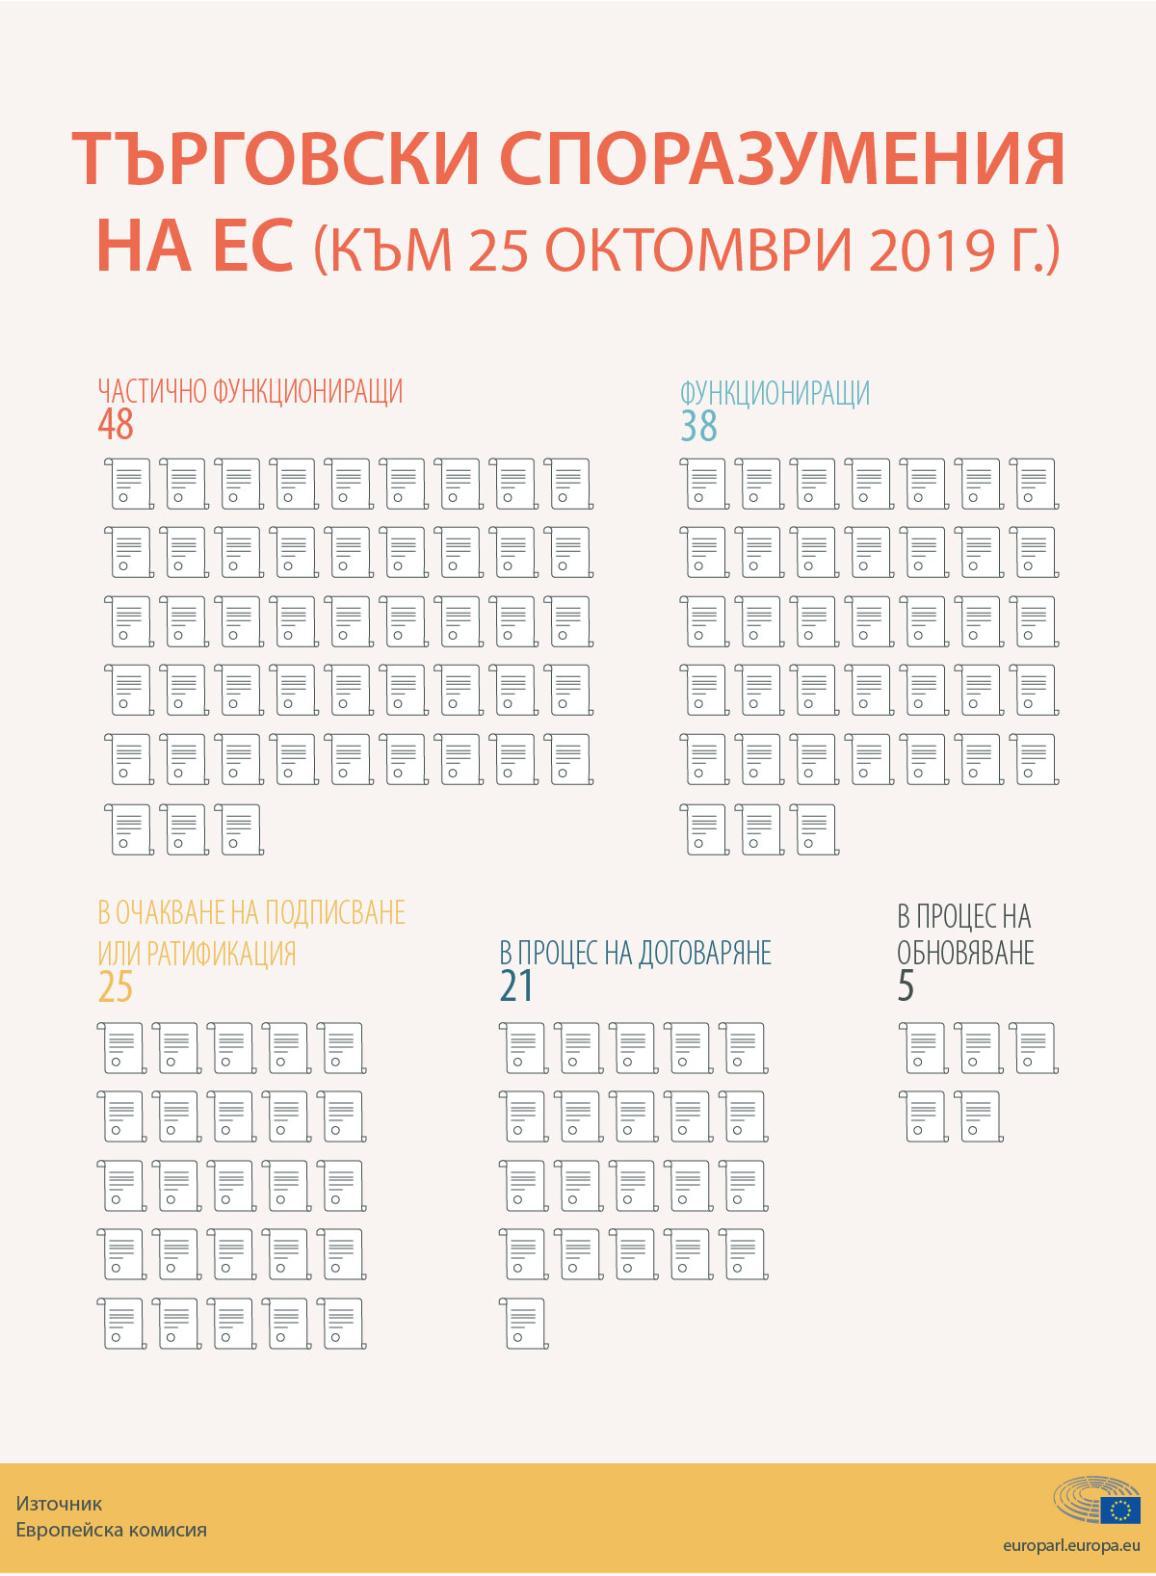 Инфографика за търговските споразумения на ЕС през 2019 г.